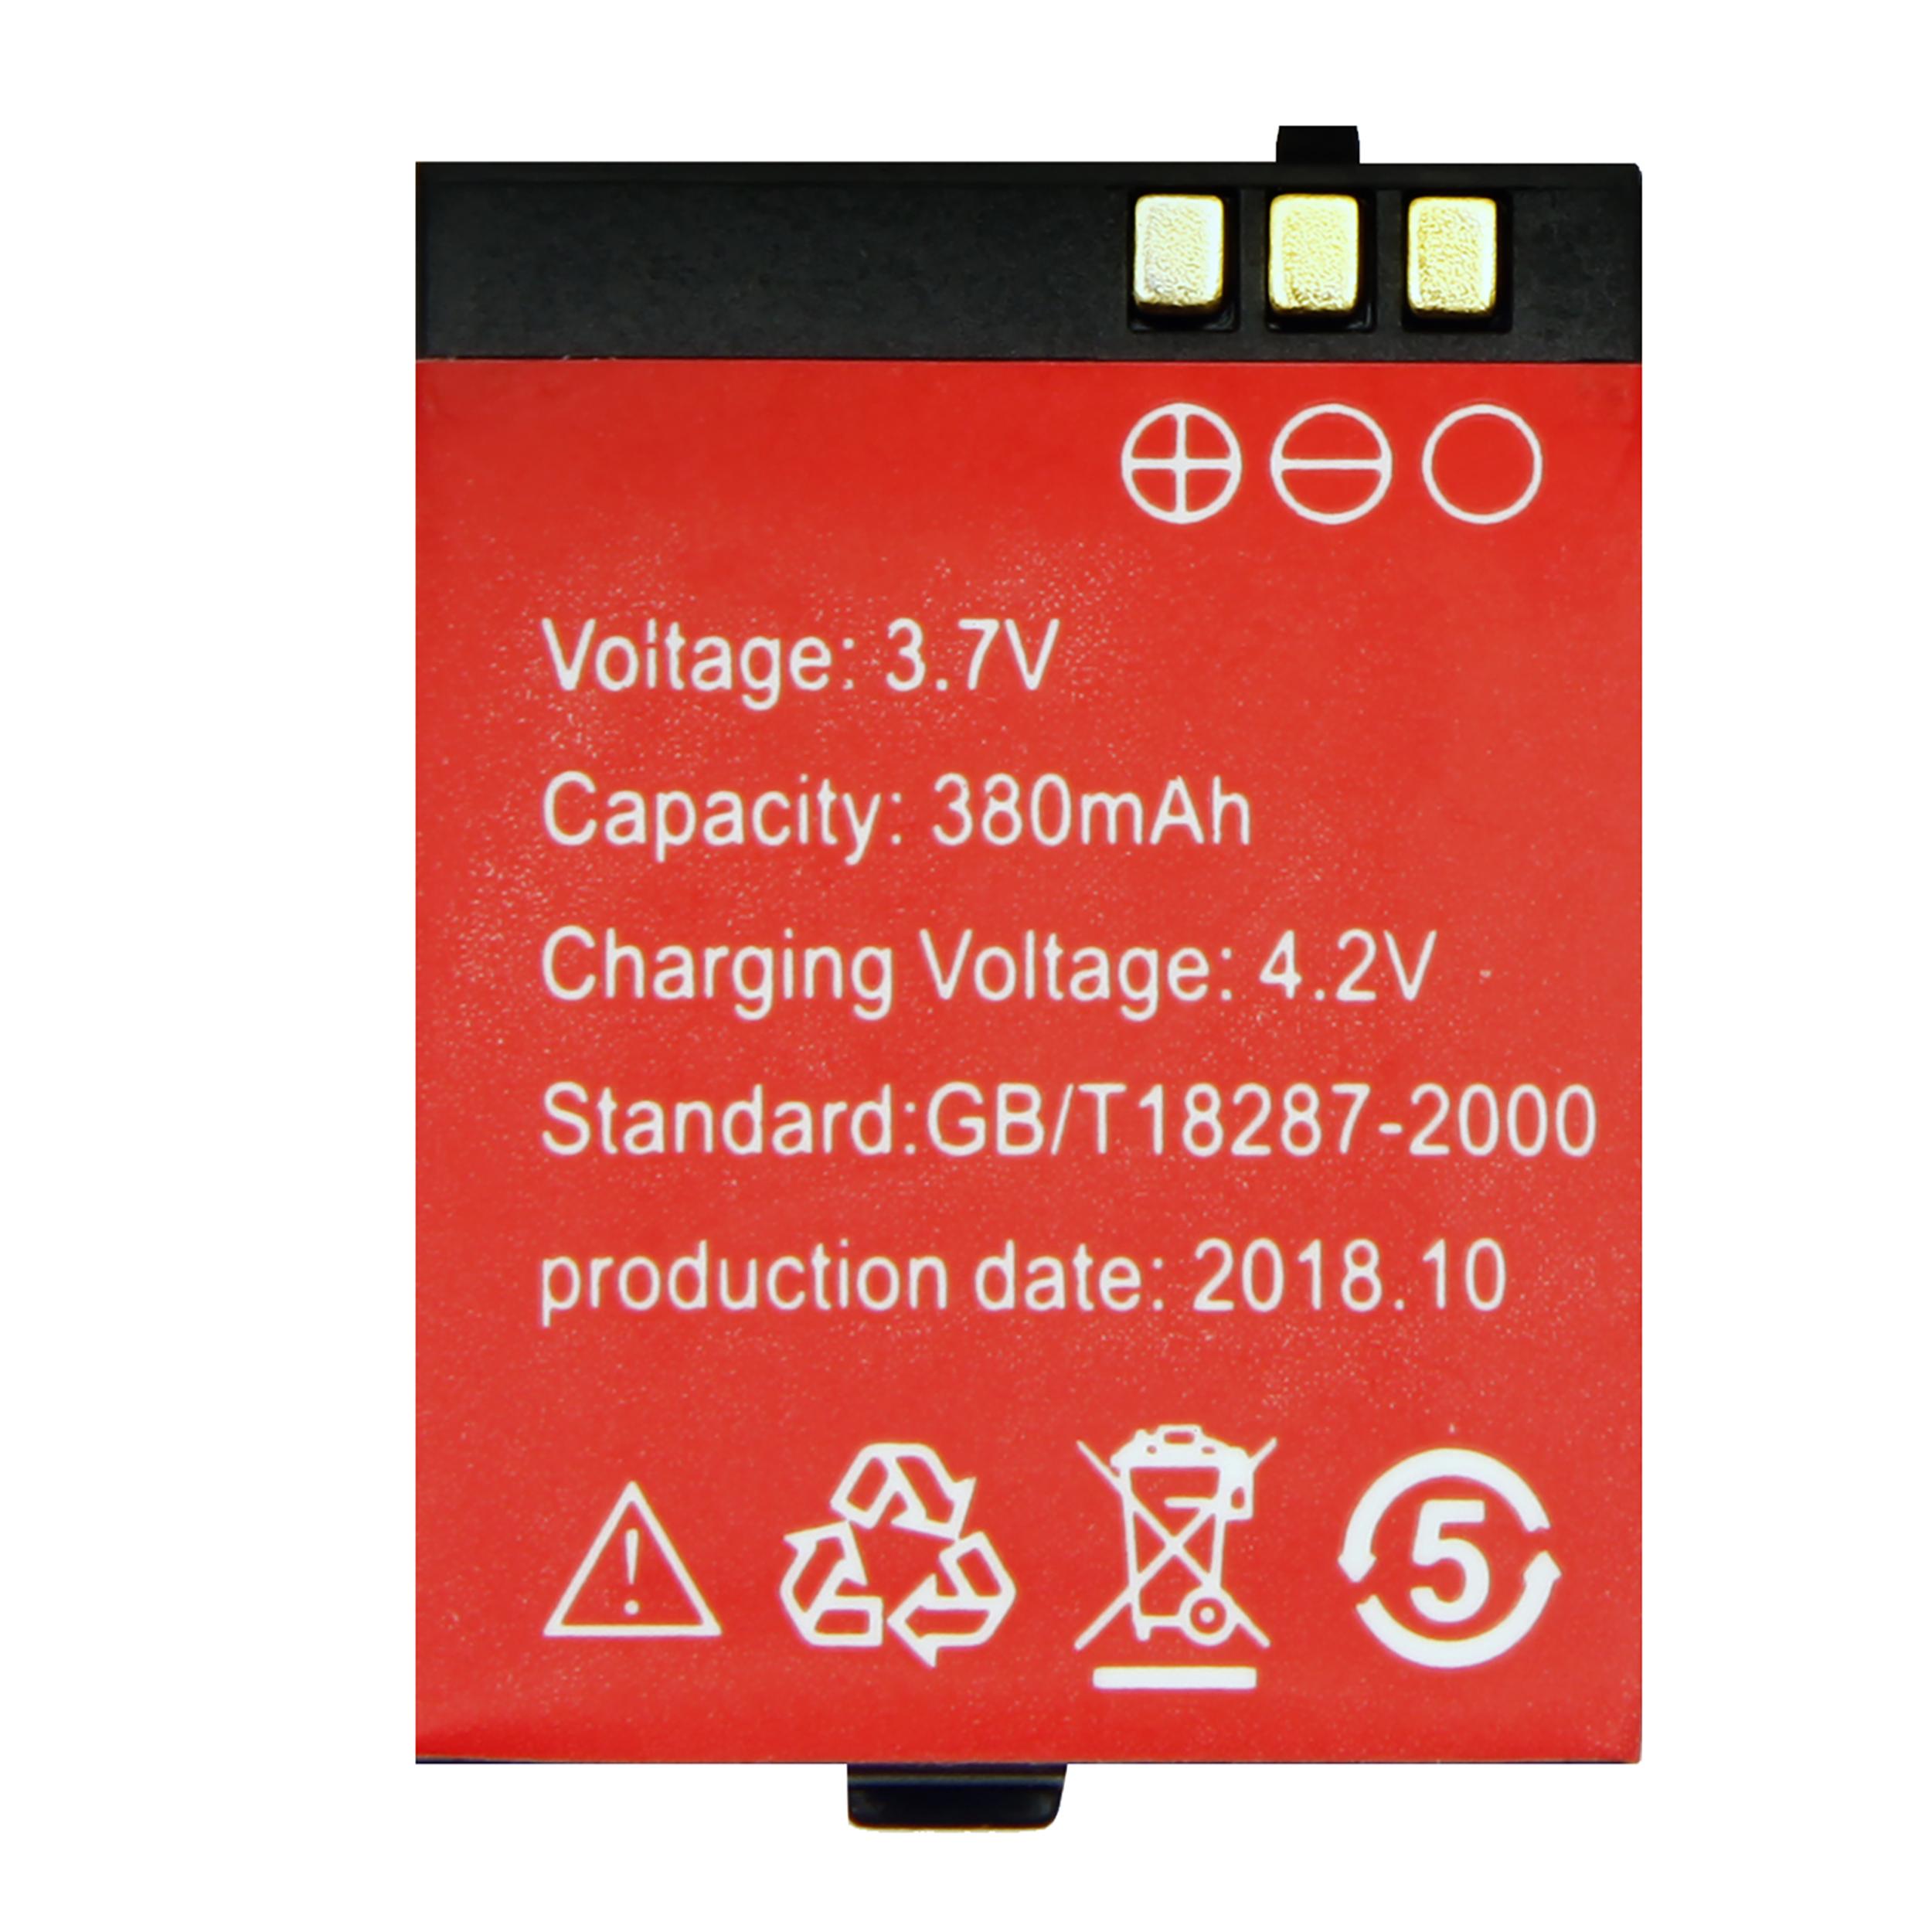 قیمت باتری ساعت هوشمند مدل BV9 مناسب ساعت V9